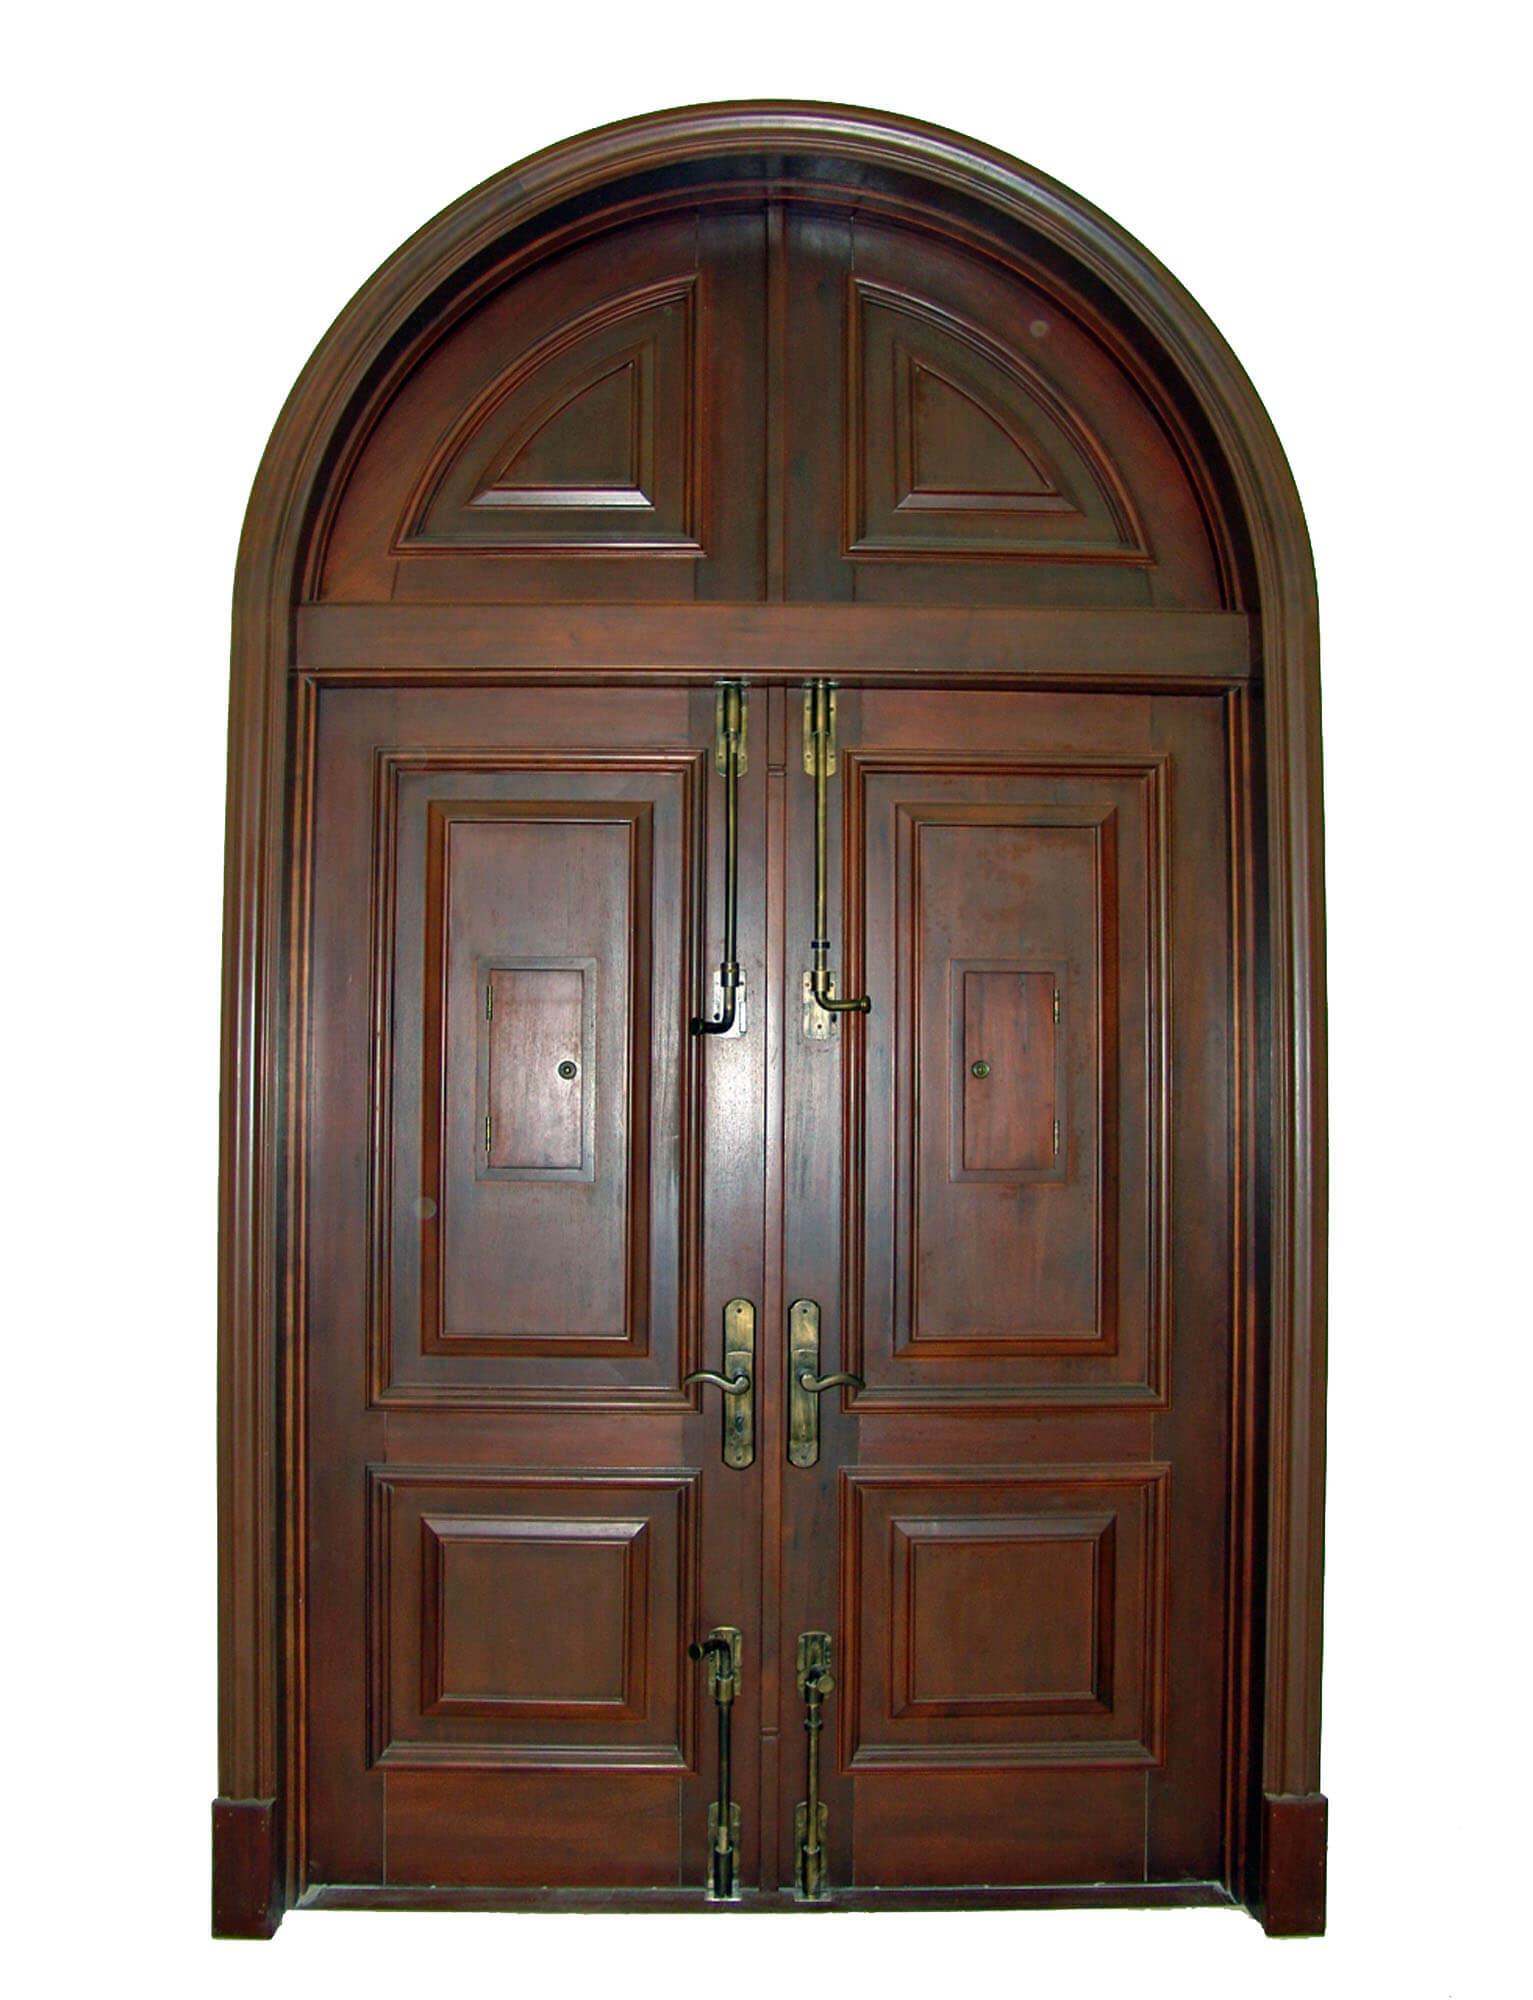 Coco Mahogany Doors